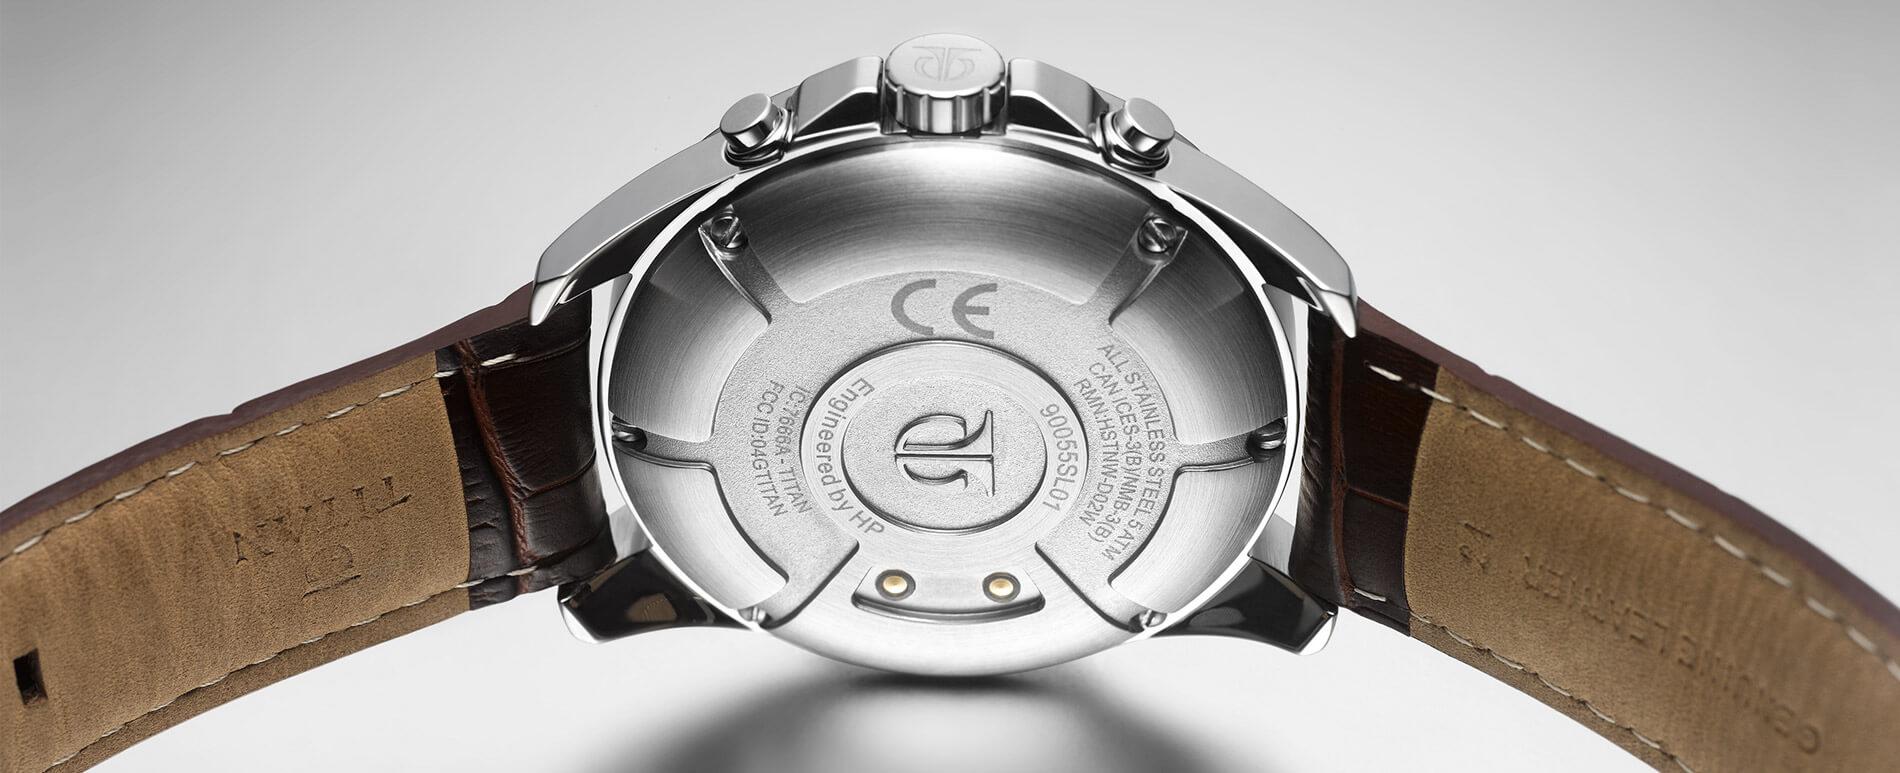 Детские часы GPS Titan Watch - безопасность ребёнка 24/7